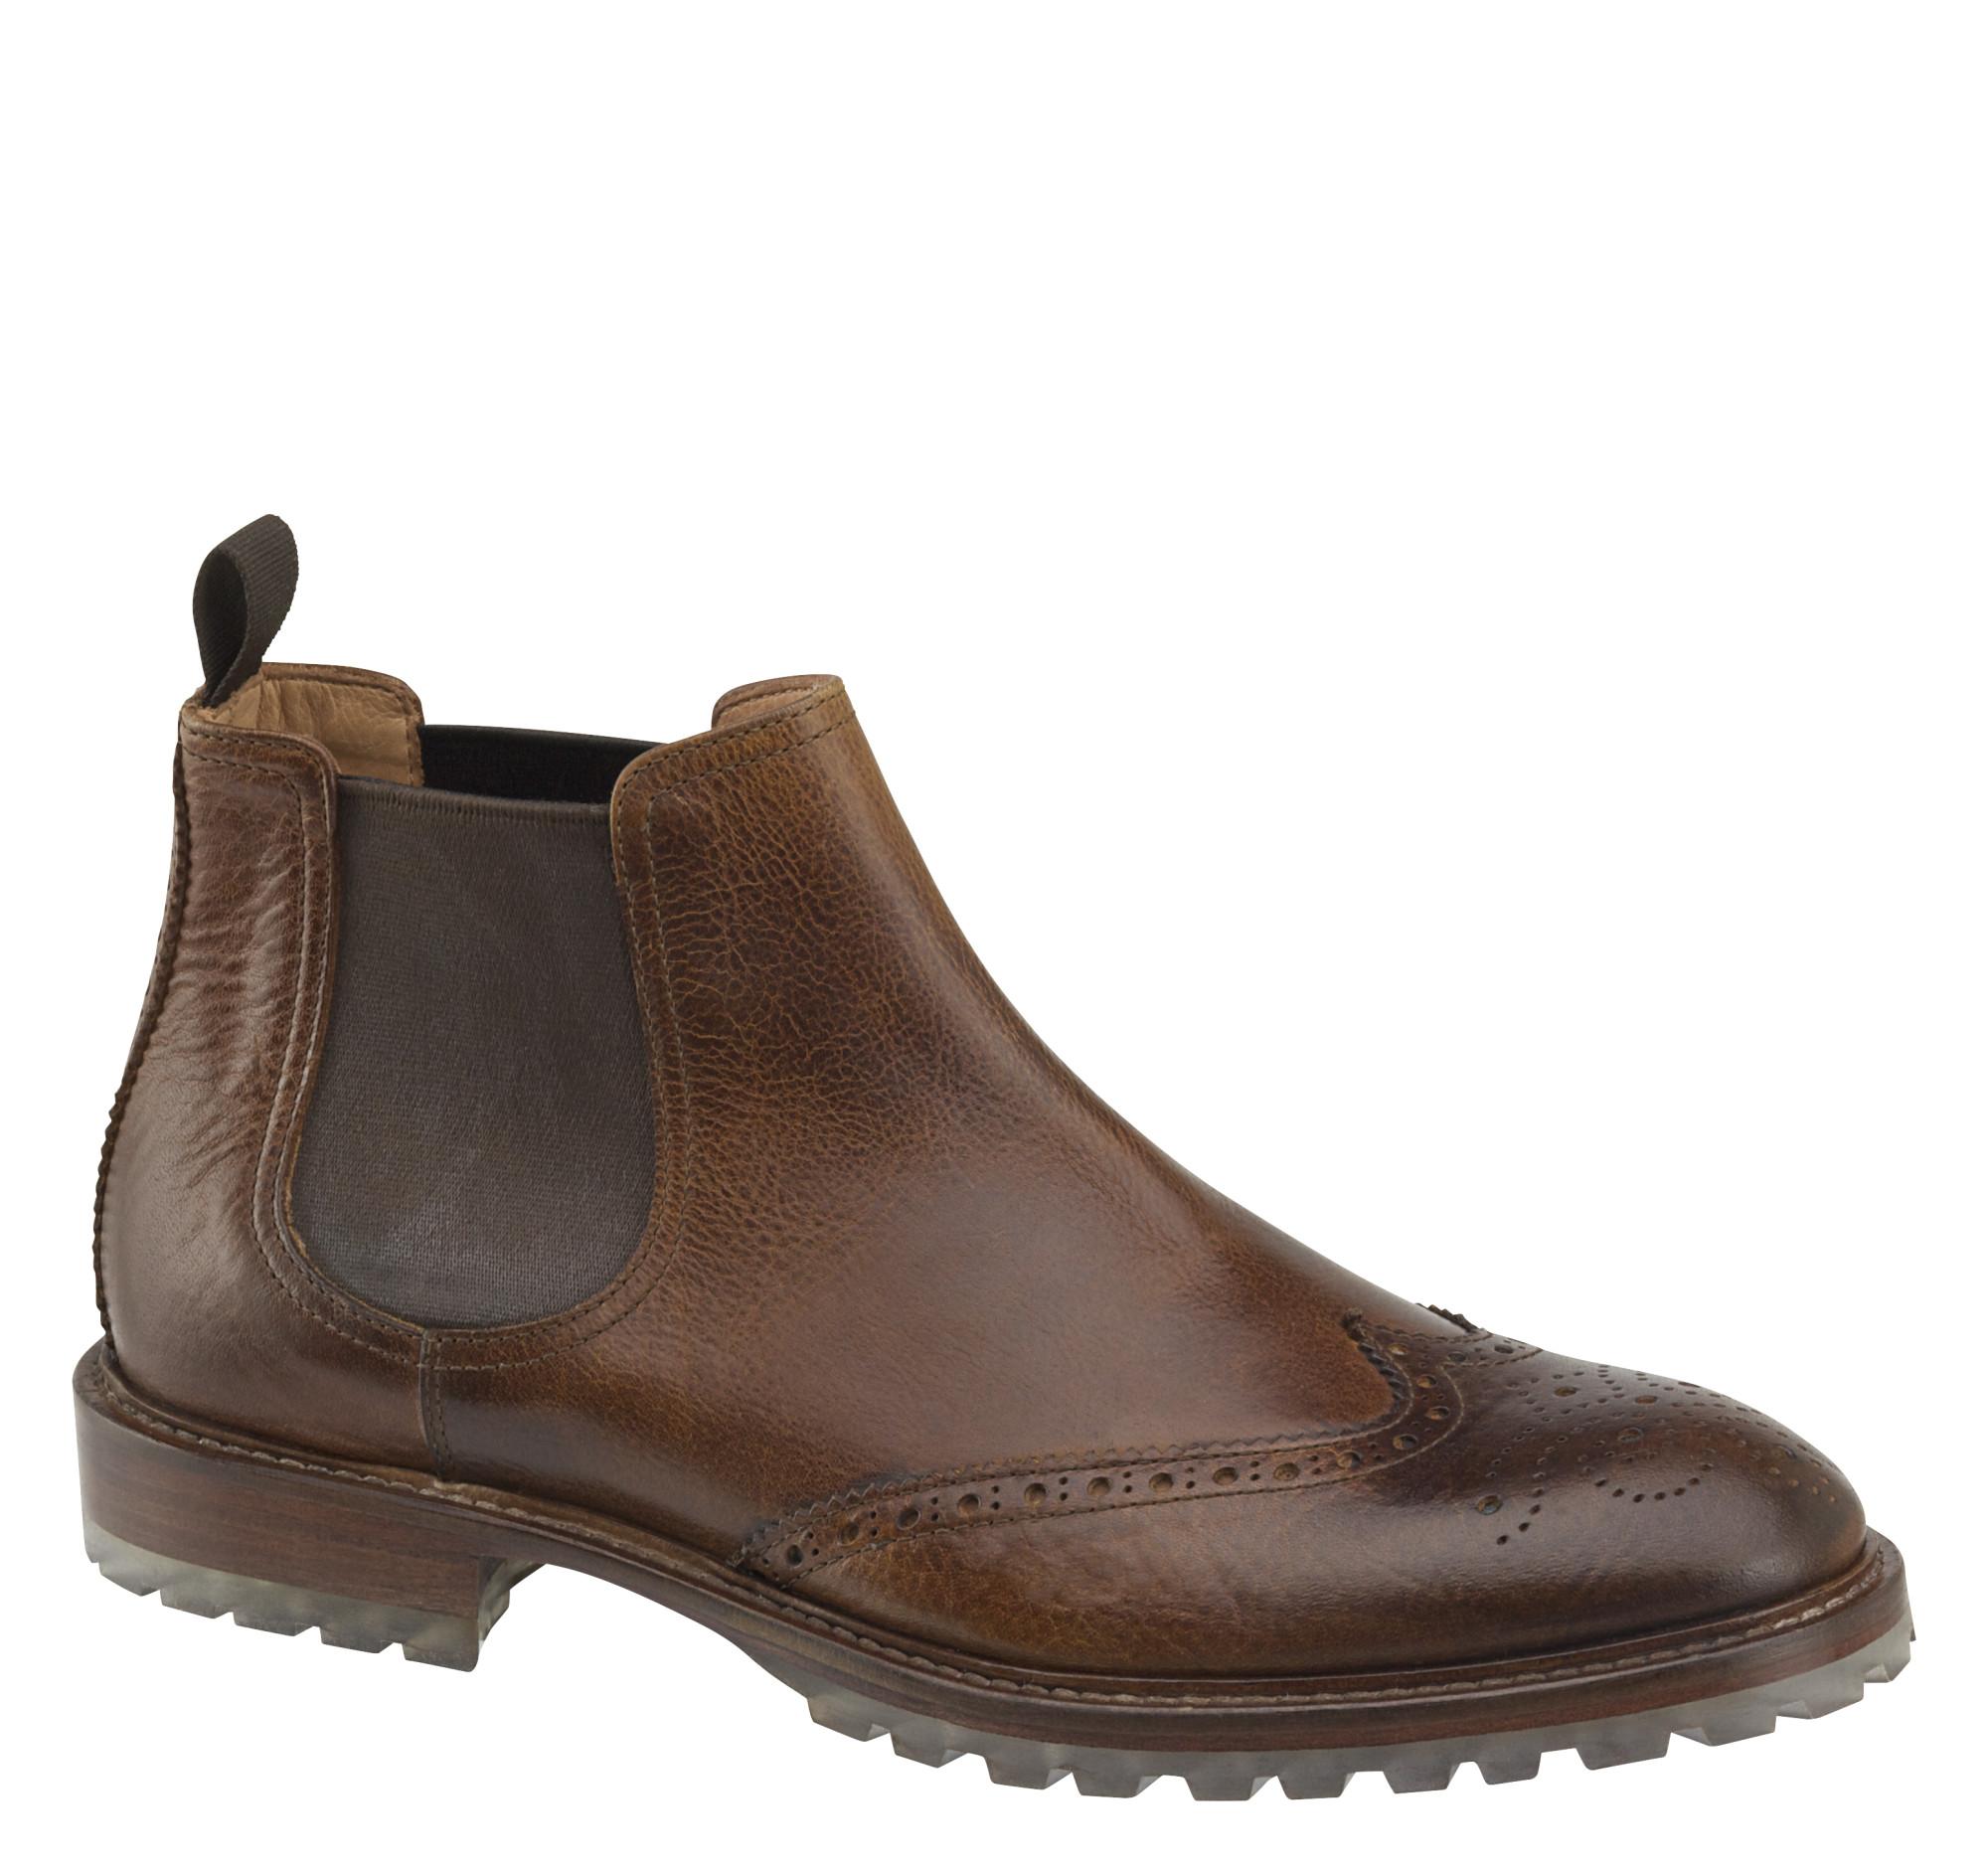 kresser boot johnston murphy